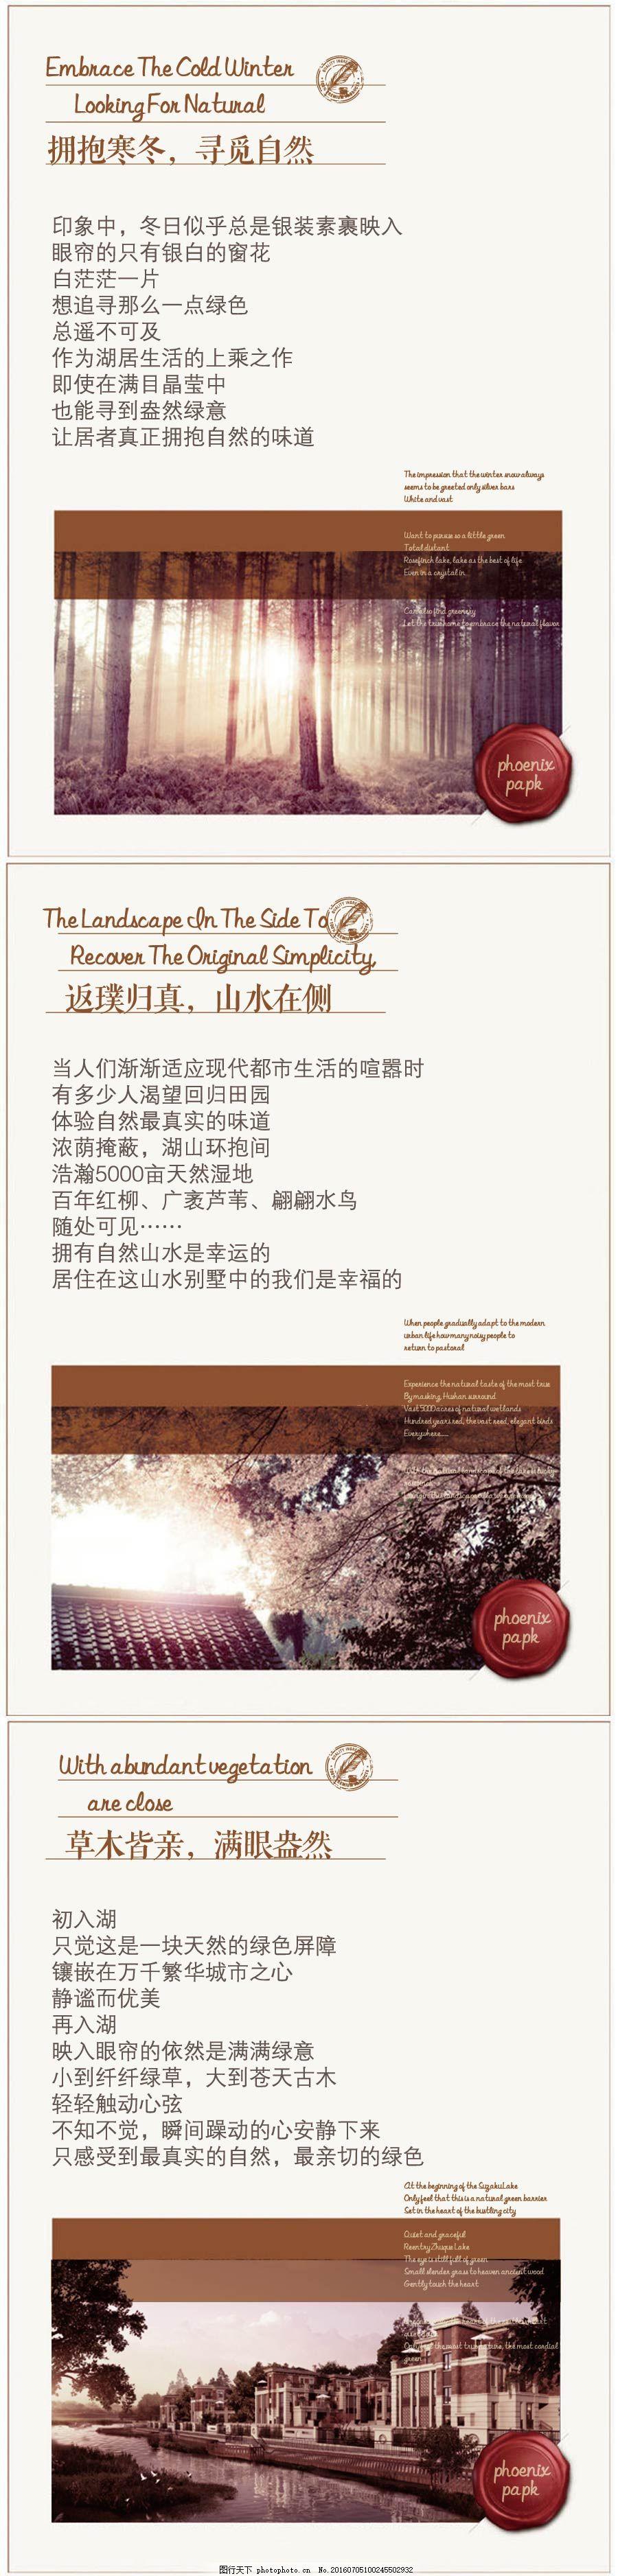 唯美浪漫寒冬地产微信h5设计 冬日微信长图文艺气息 别墅地产项目英文